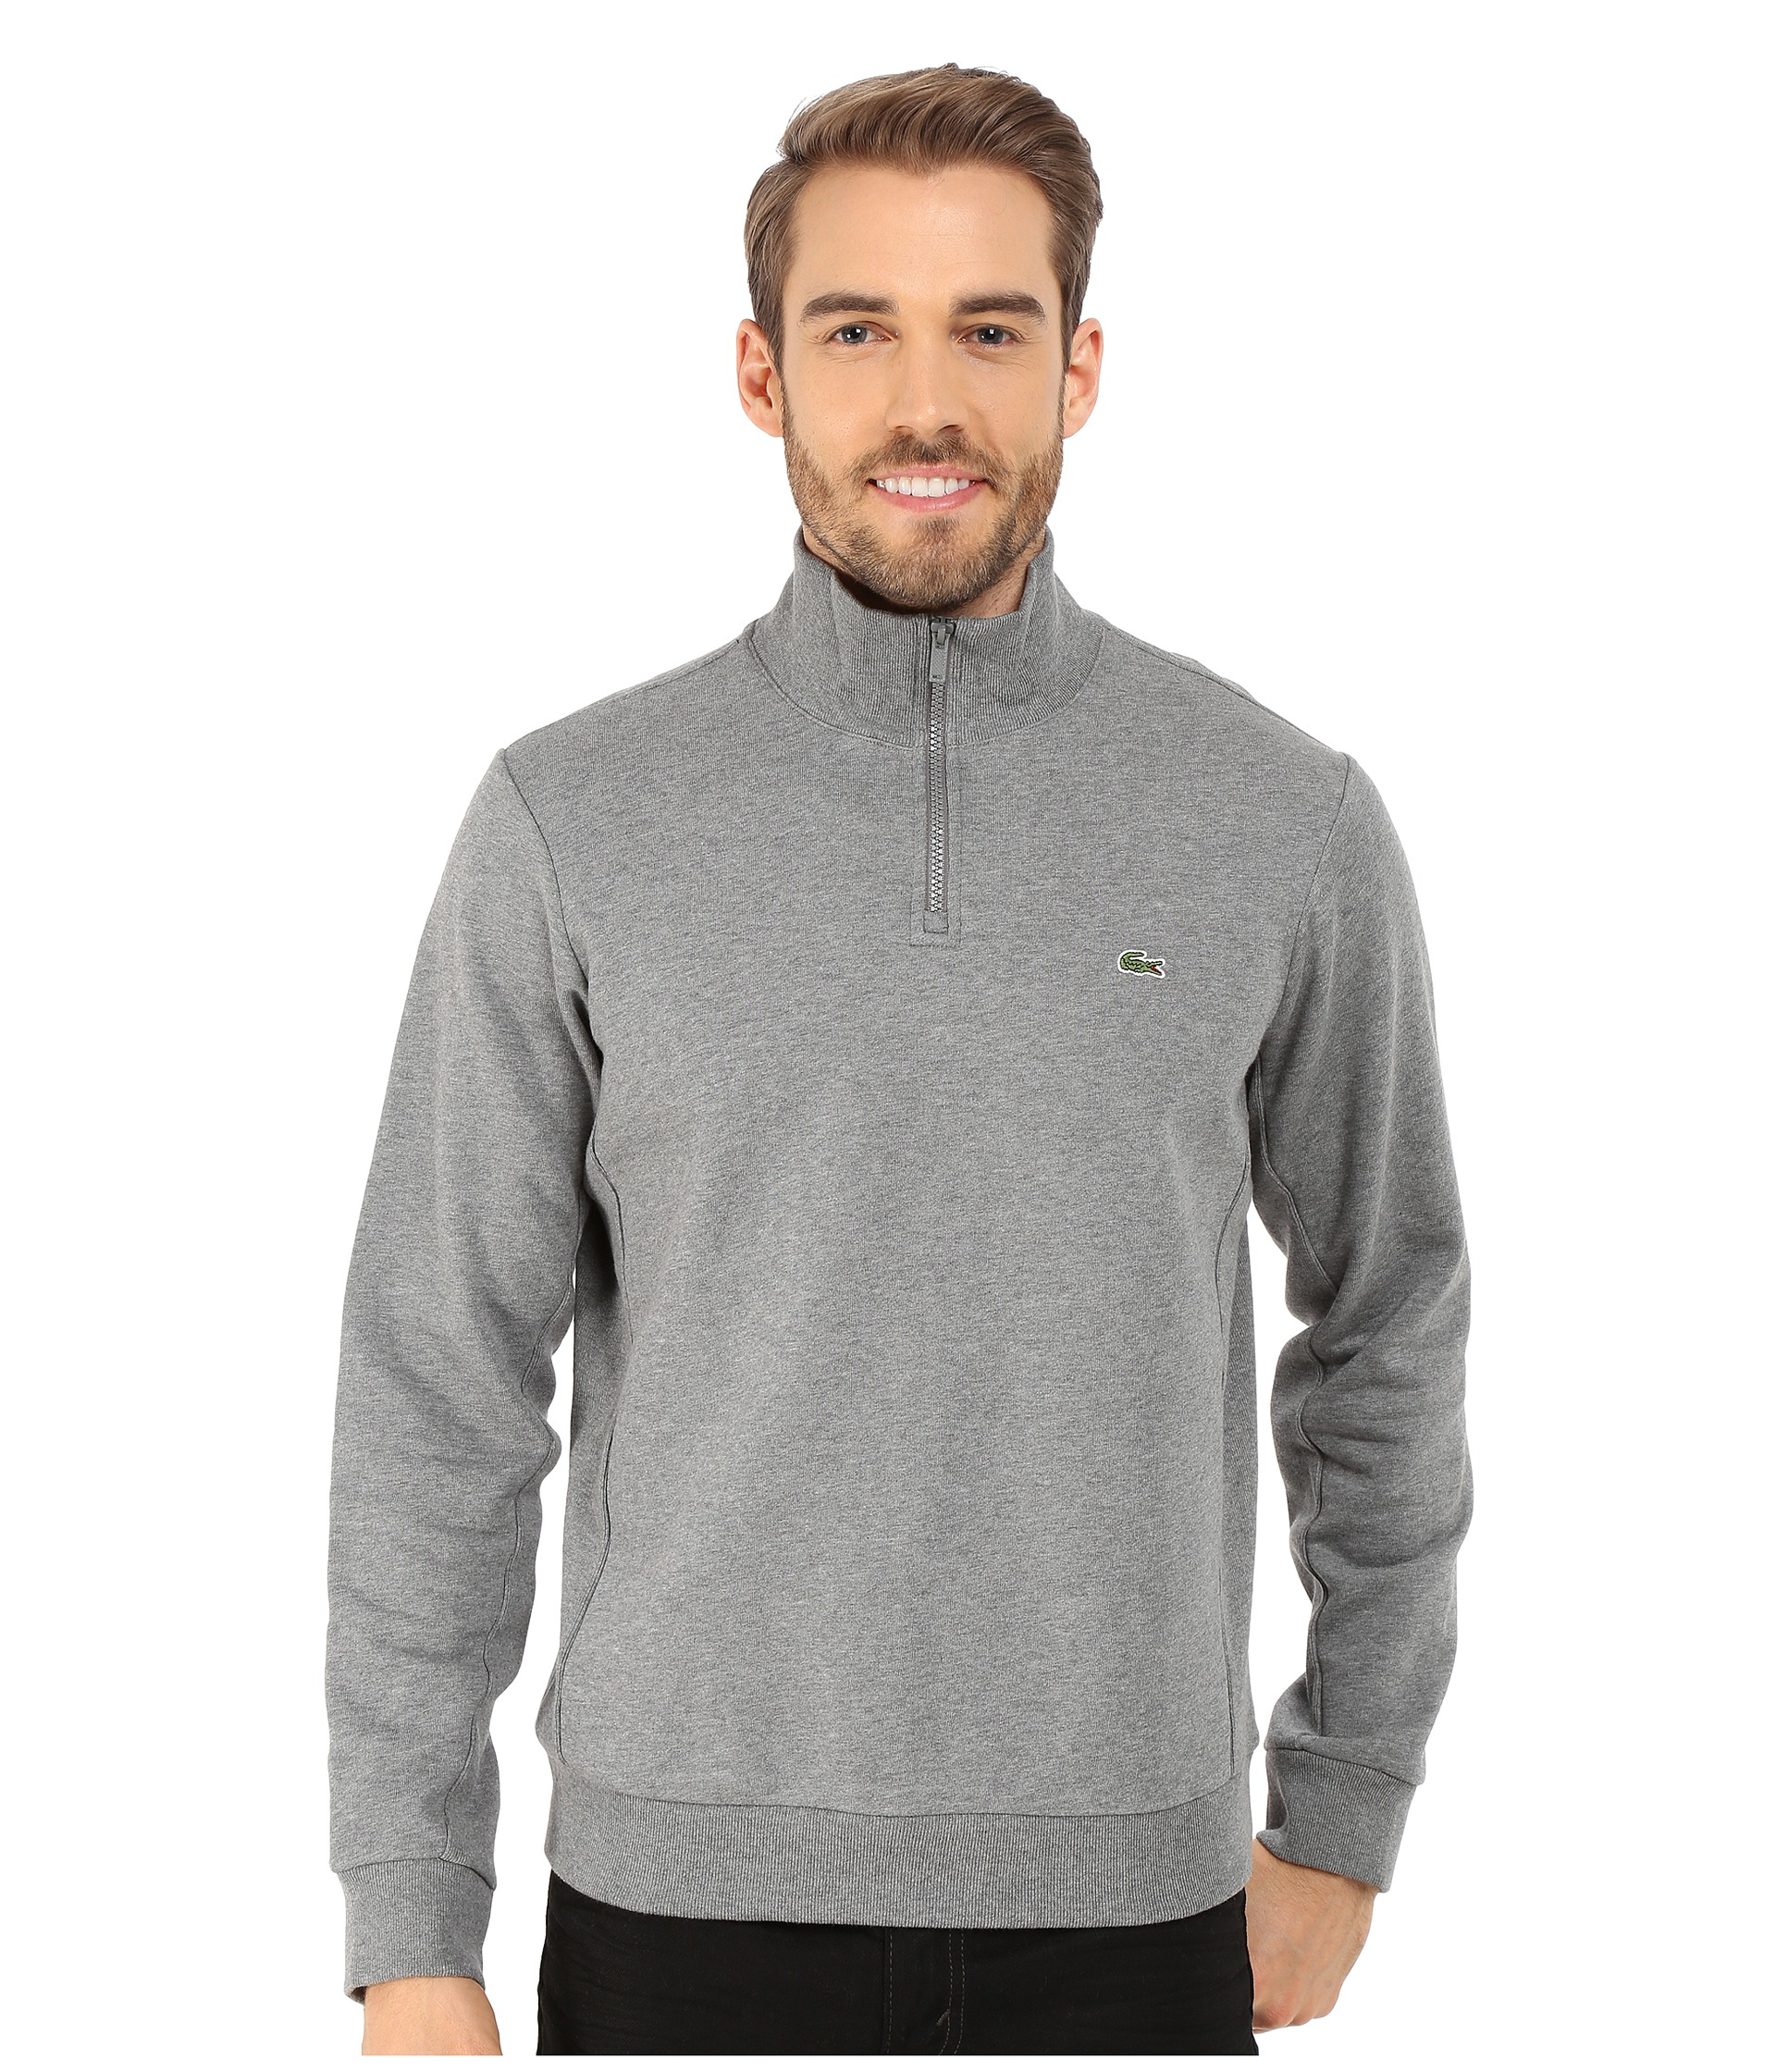 Lacoste Light Weight Fleece 1 4 Zip Sweatshirt In Gray For